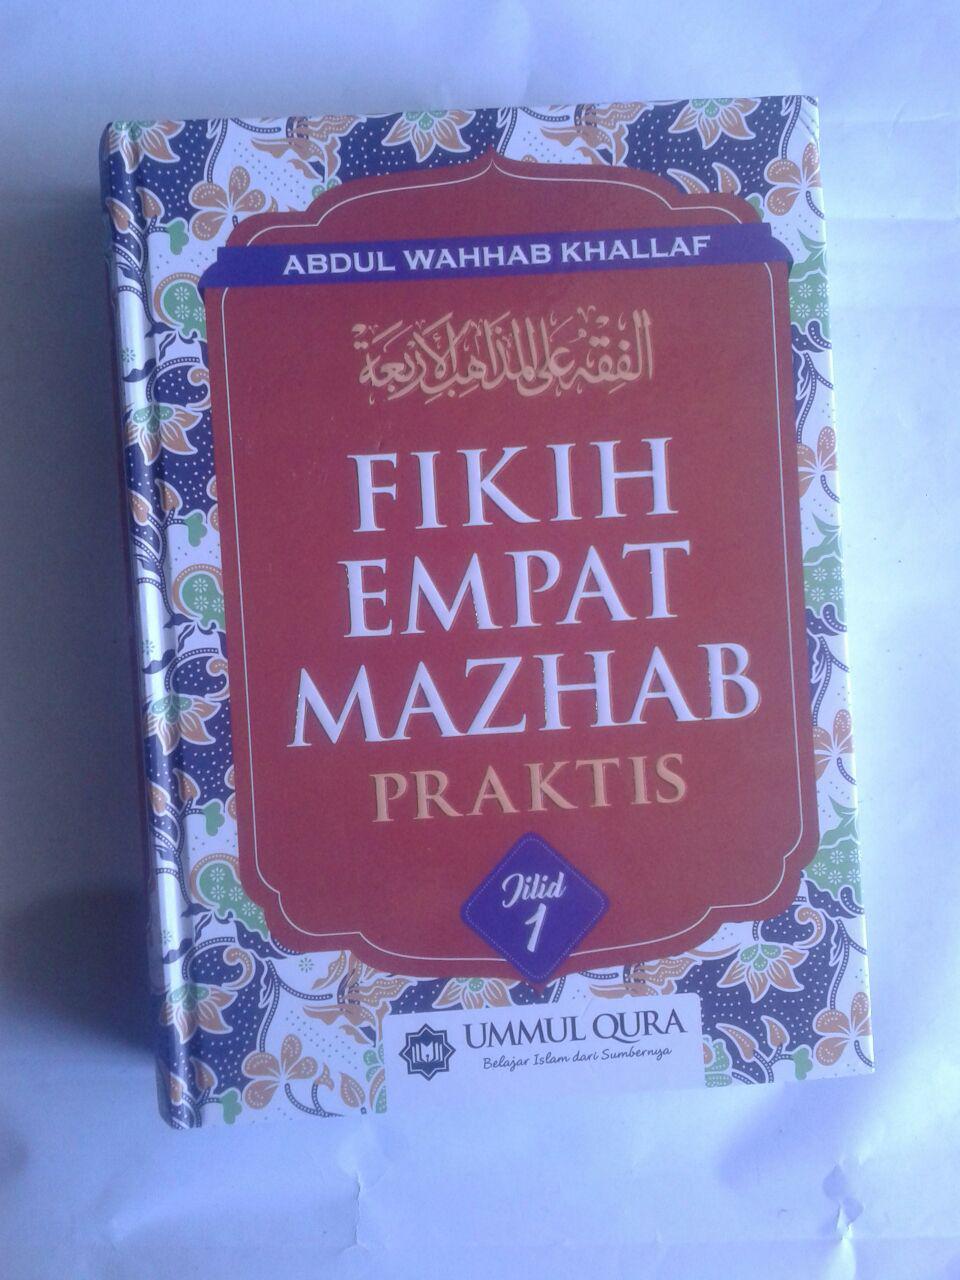 Buku Fikih Empat Madzhab Praktis 1 Set 2 Jilid cover 3